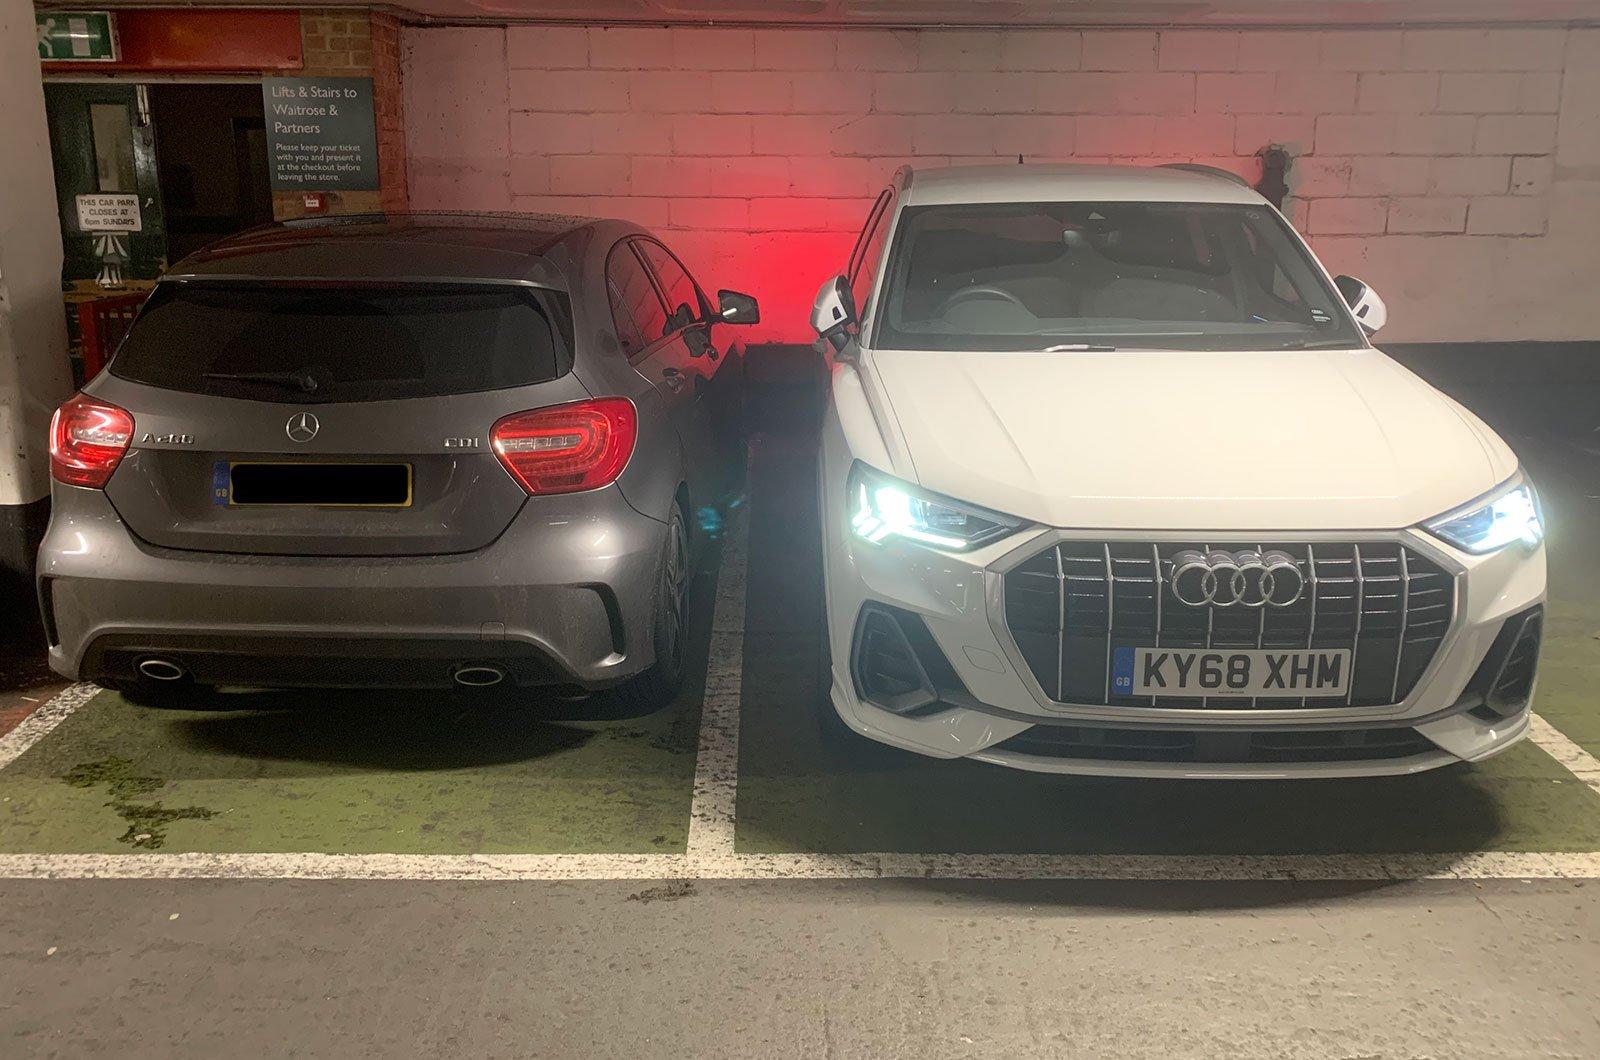 Audi Q3 parking